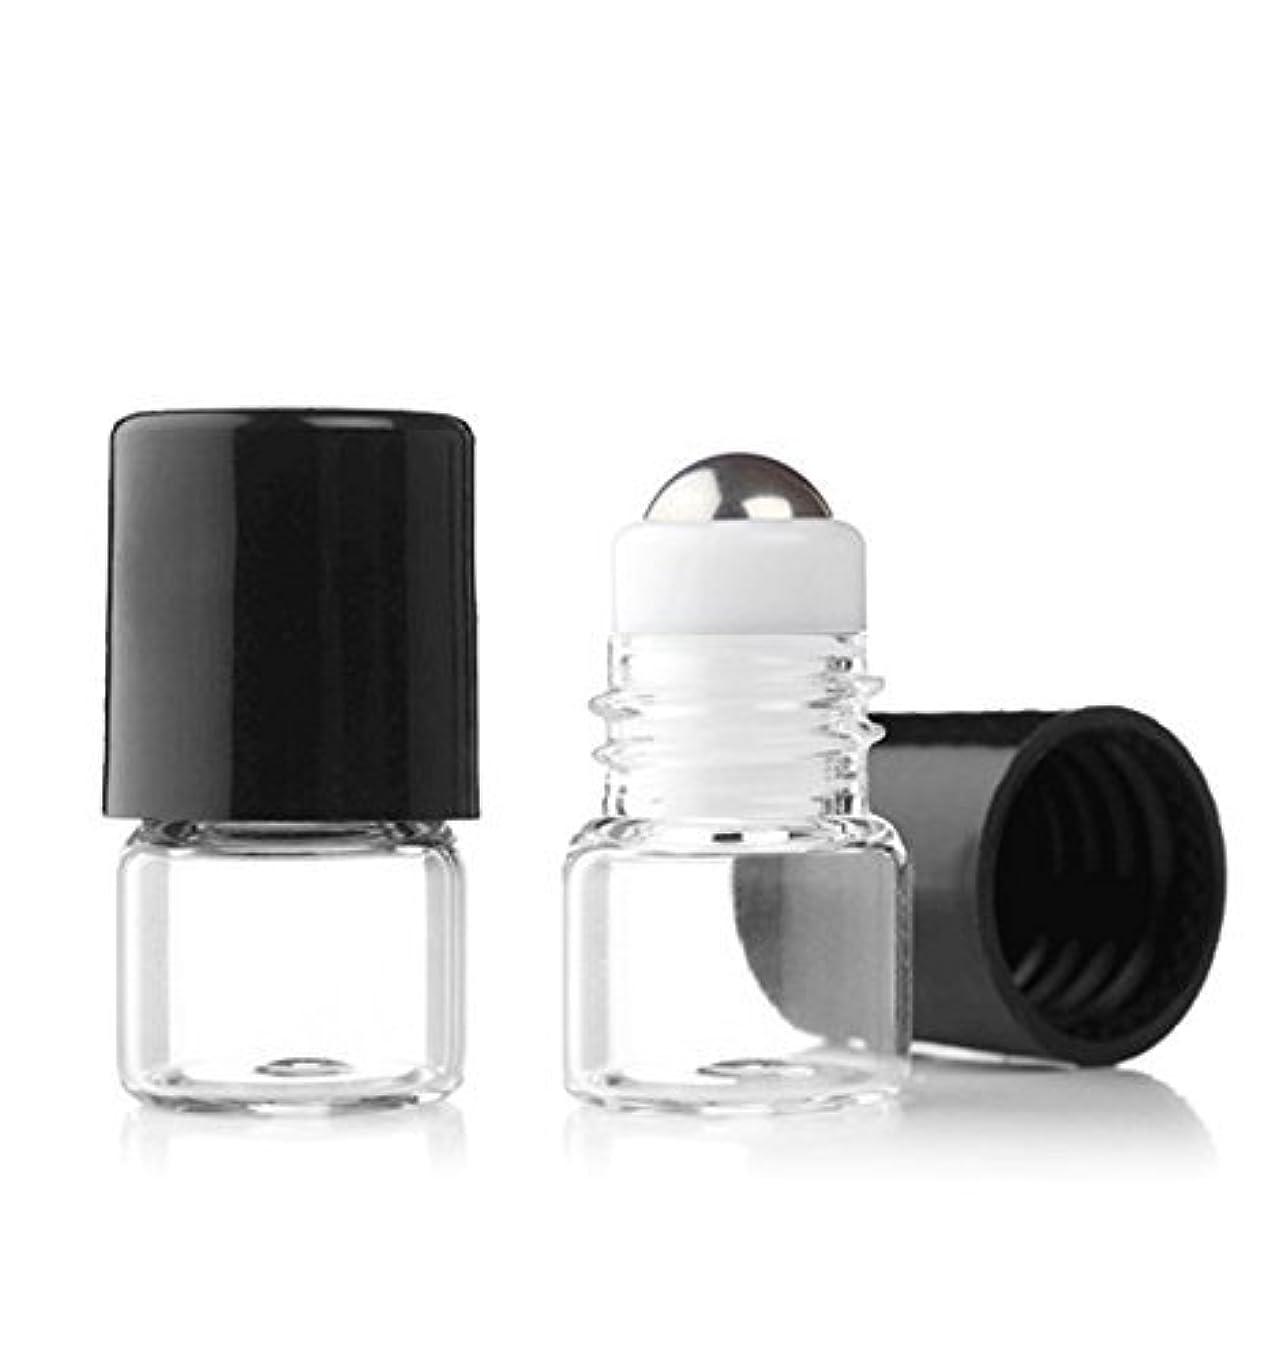 アルカトラズ島森林大気Grand Parfums Empty 1ml Micro Mini Rollon Dram Glass Bottles with Metal Roller Balls - Refillable Aromatherapy...